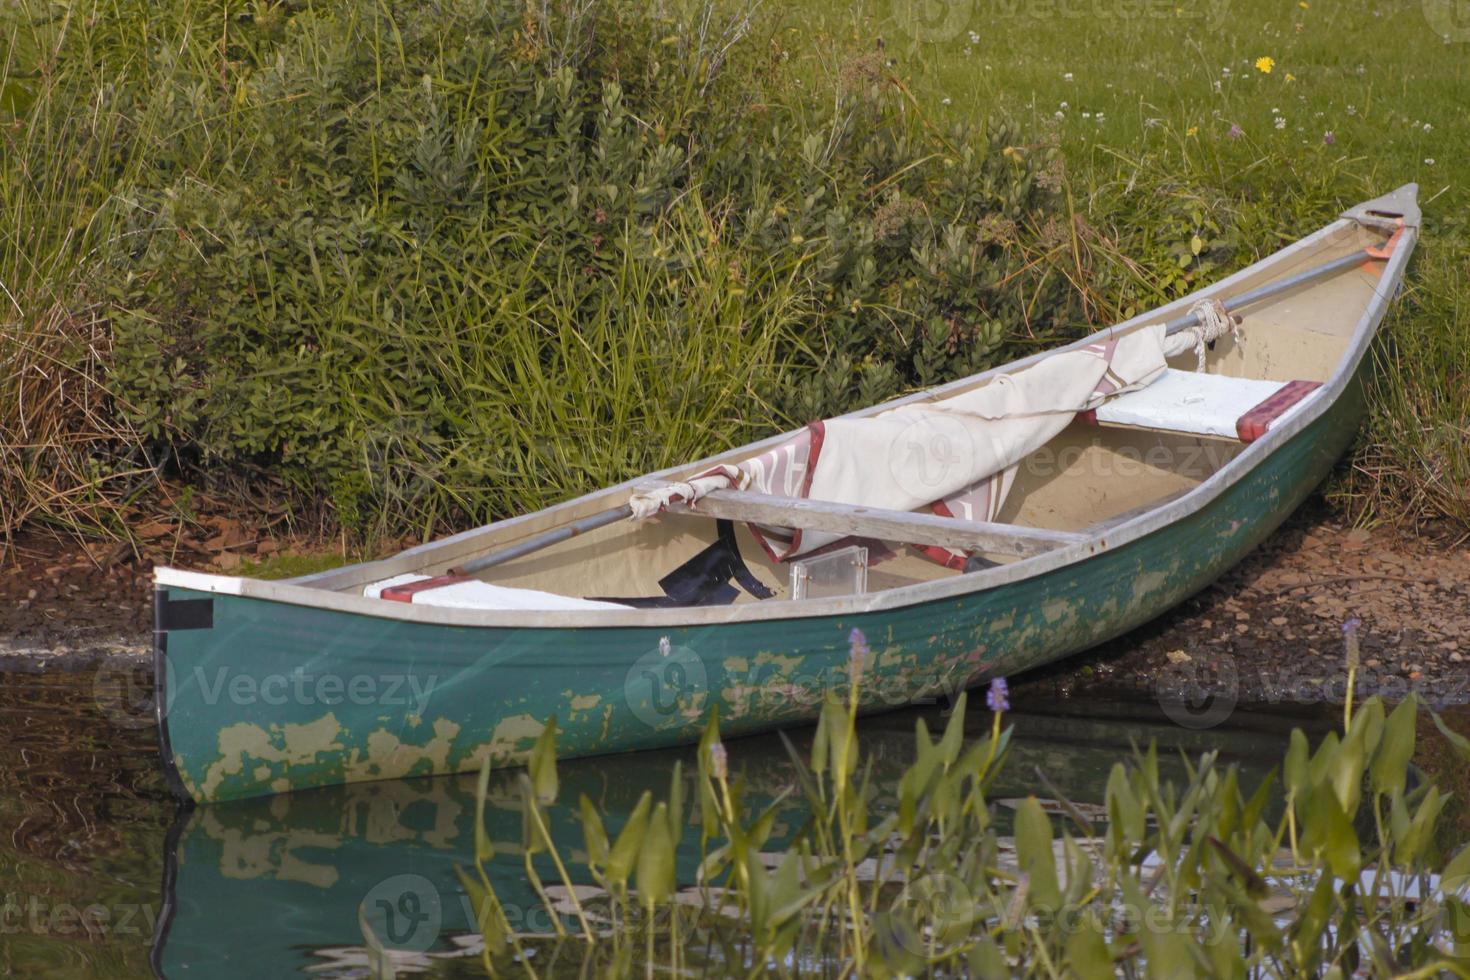 grünes Kanu teilweise im Wasser am grünen Grasufer foto